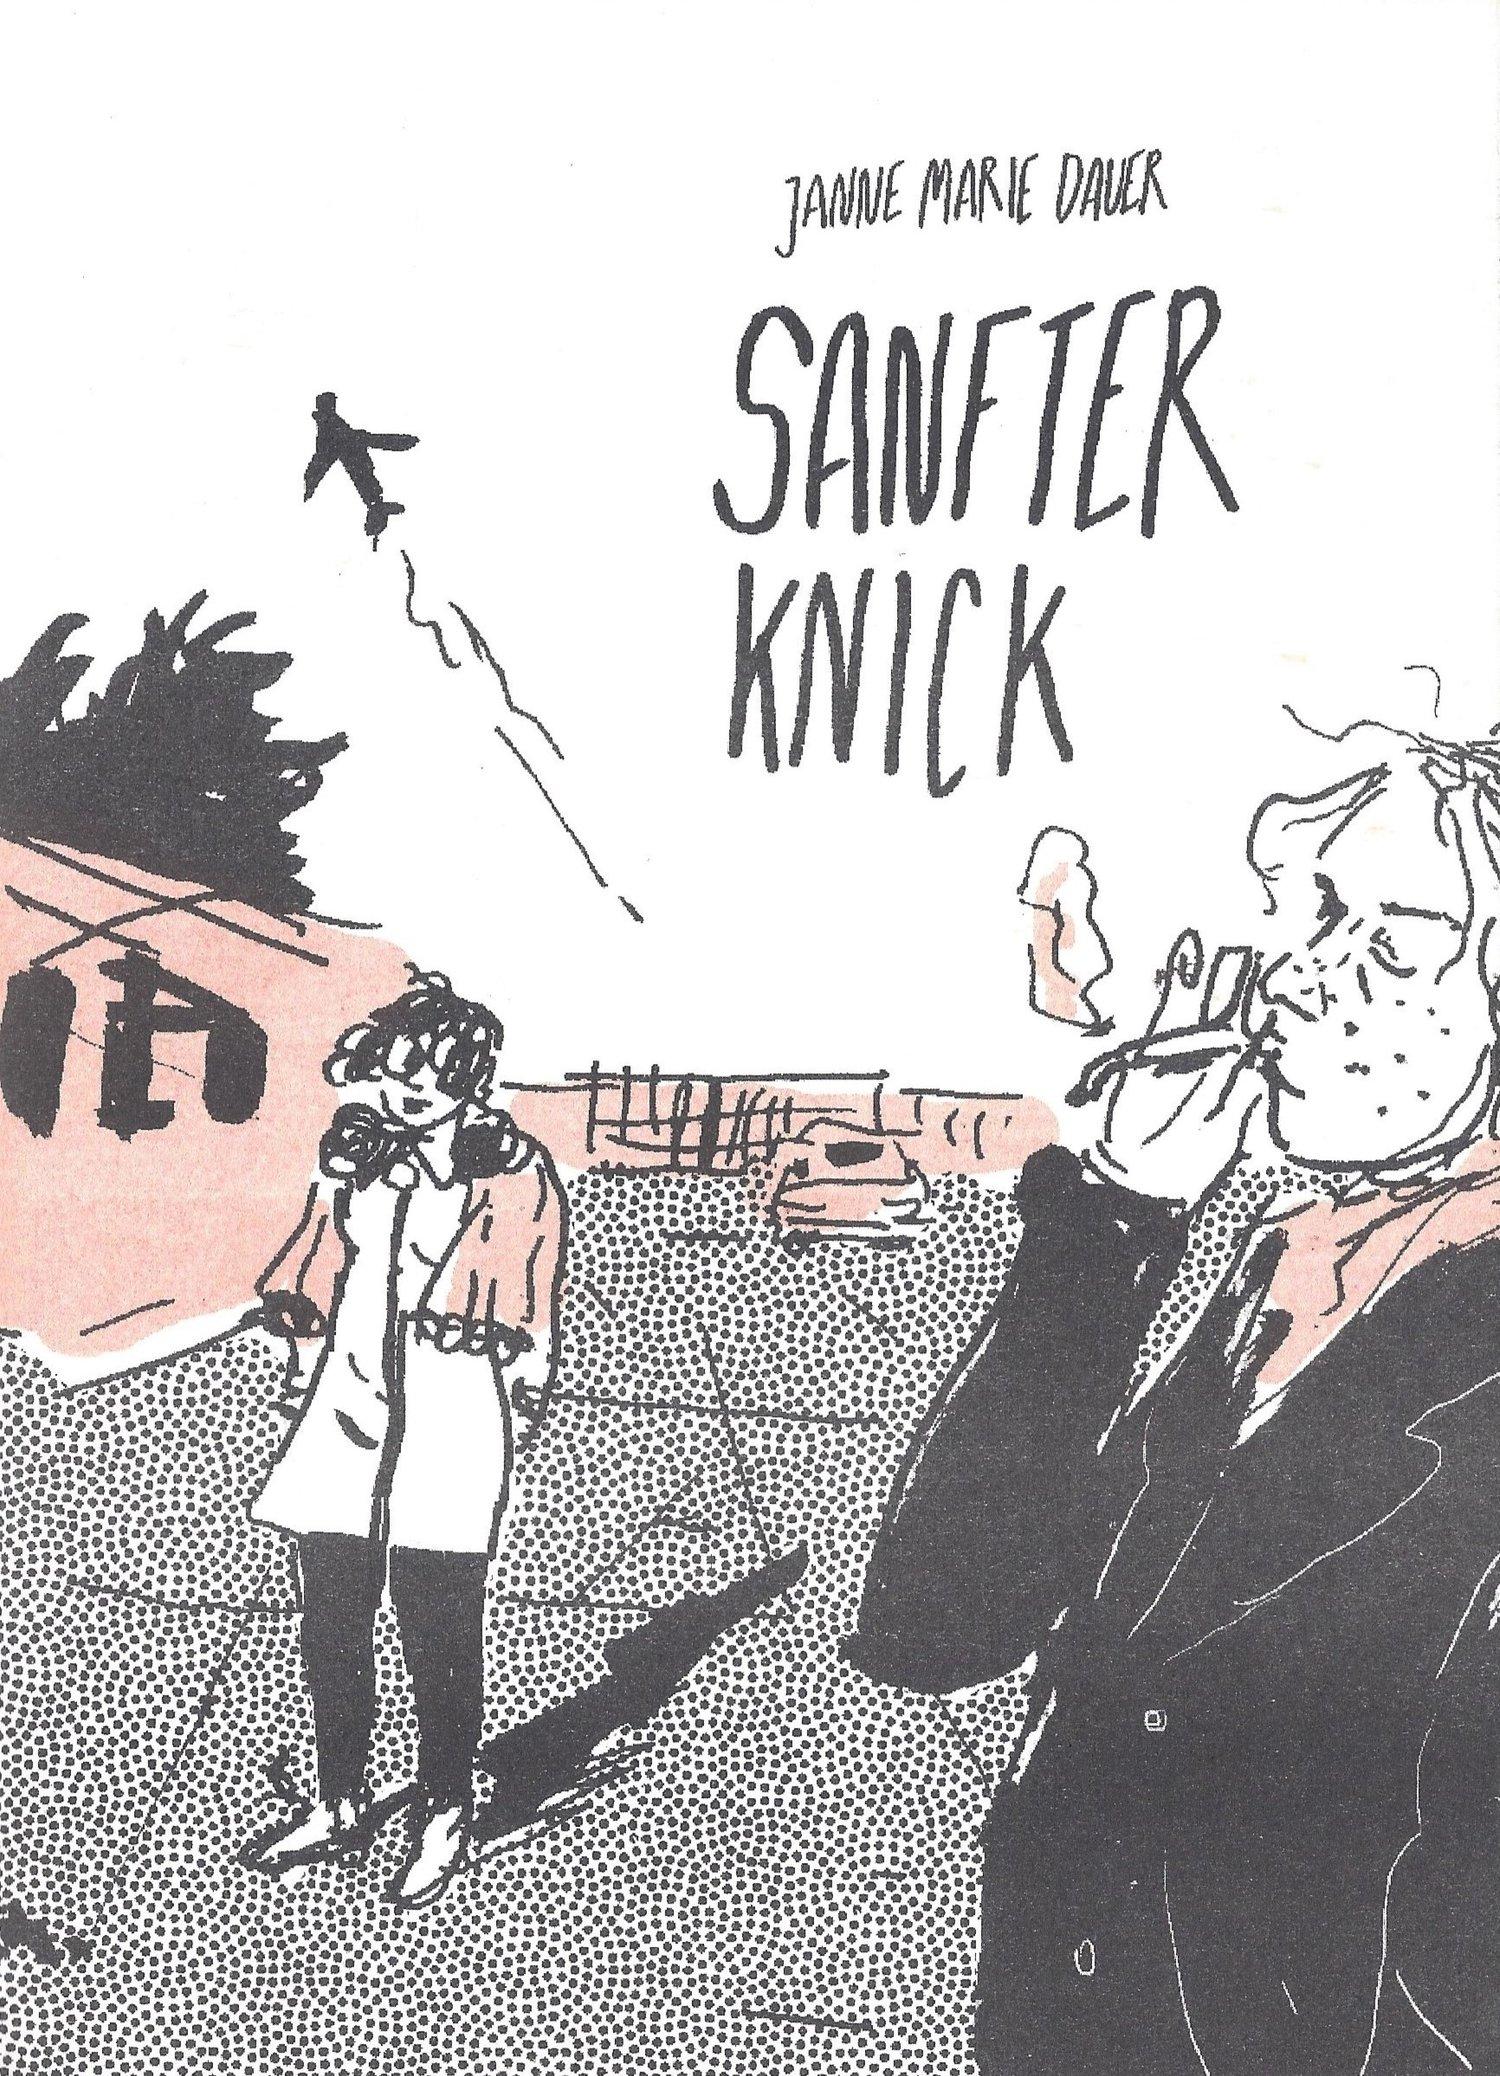 Sanfter Knick